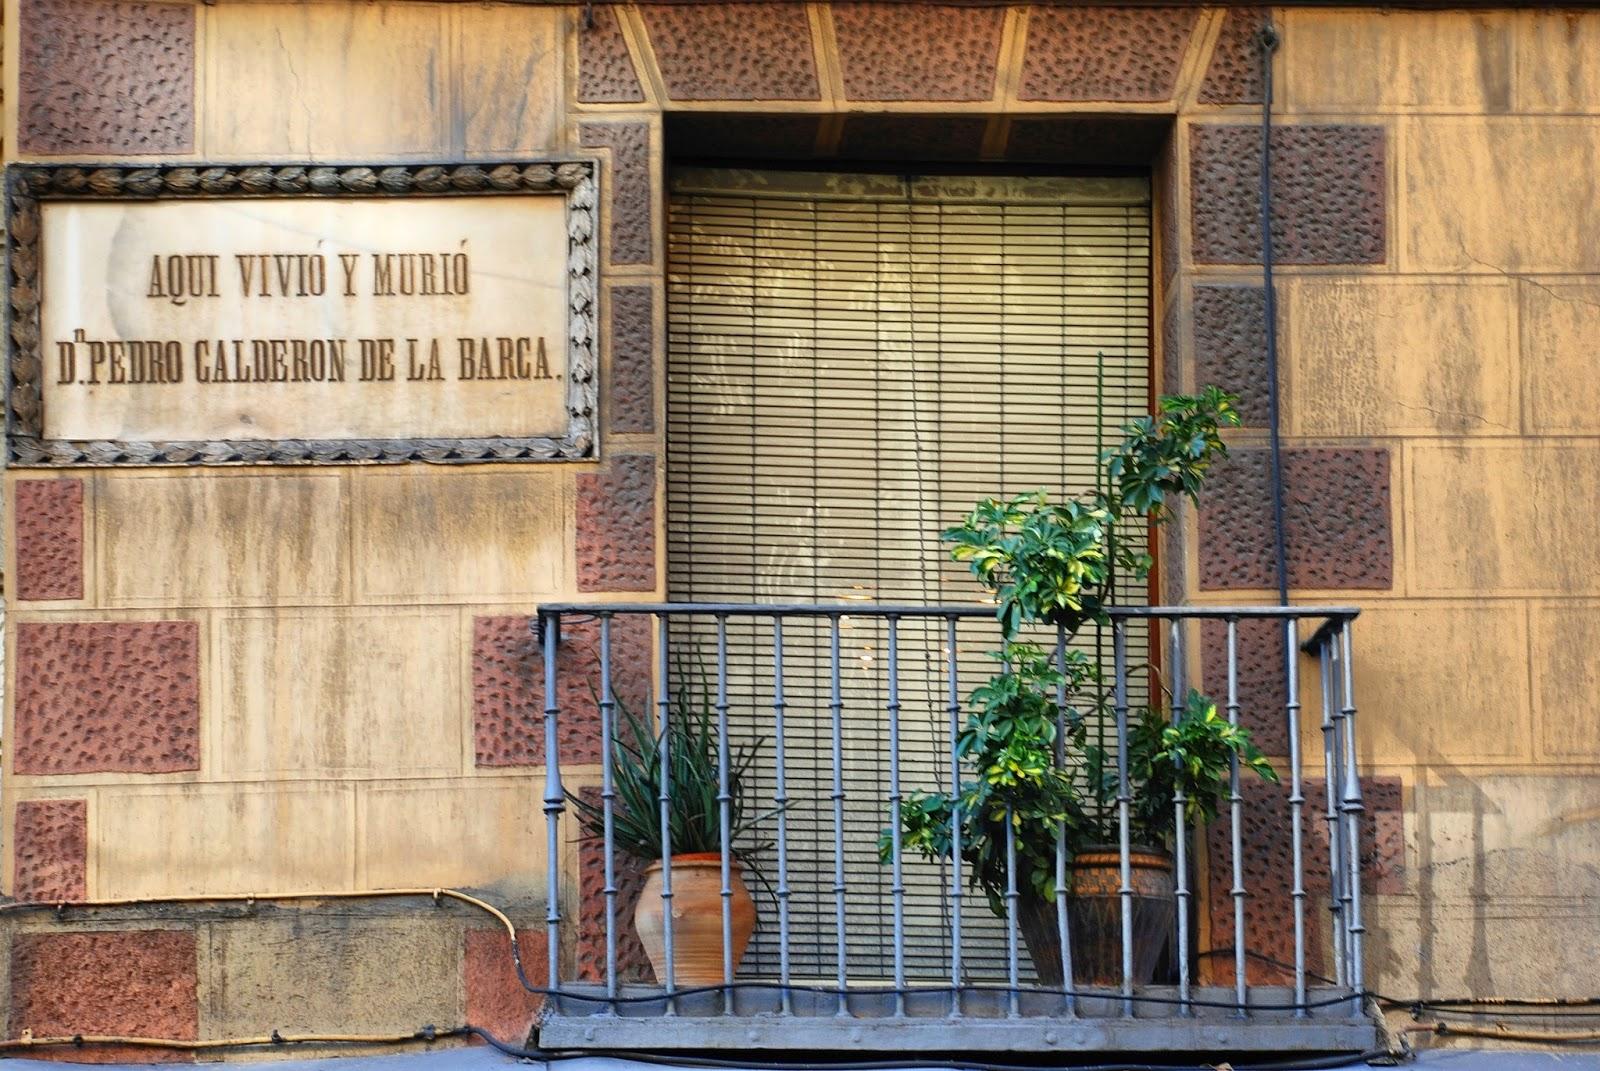 Casa de Calderón de la Barca